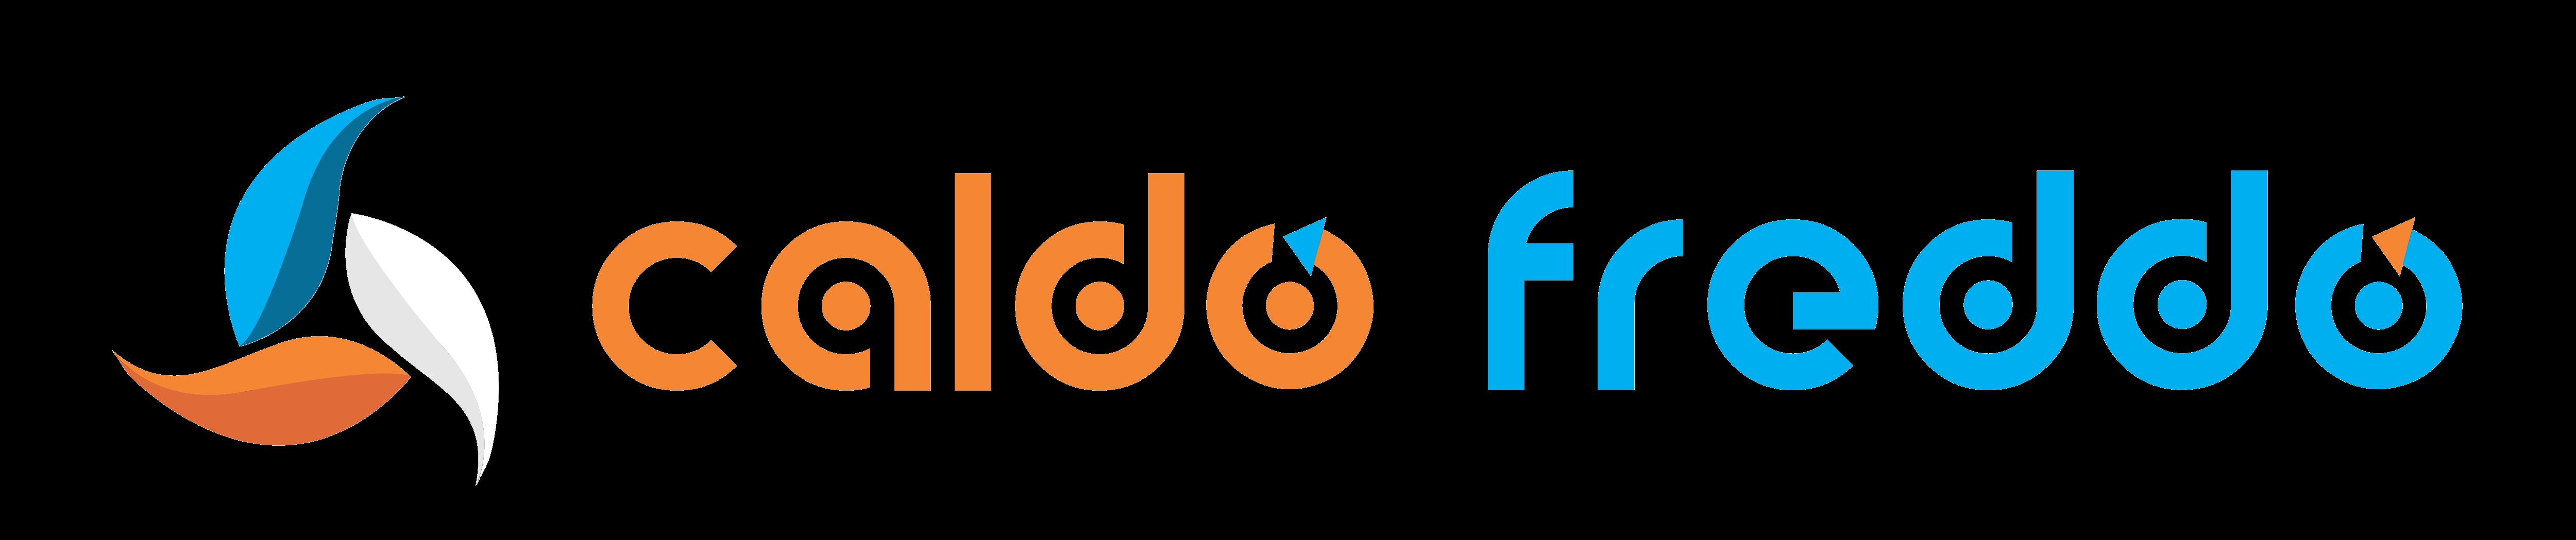 Caldofreddo